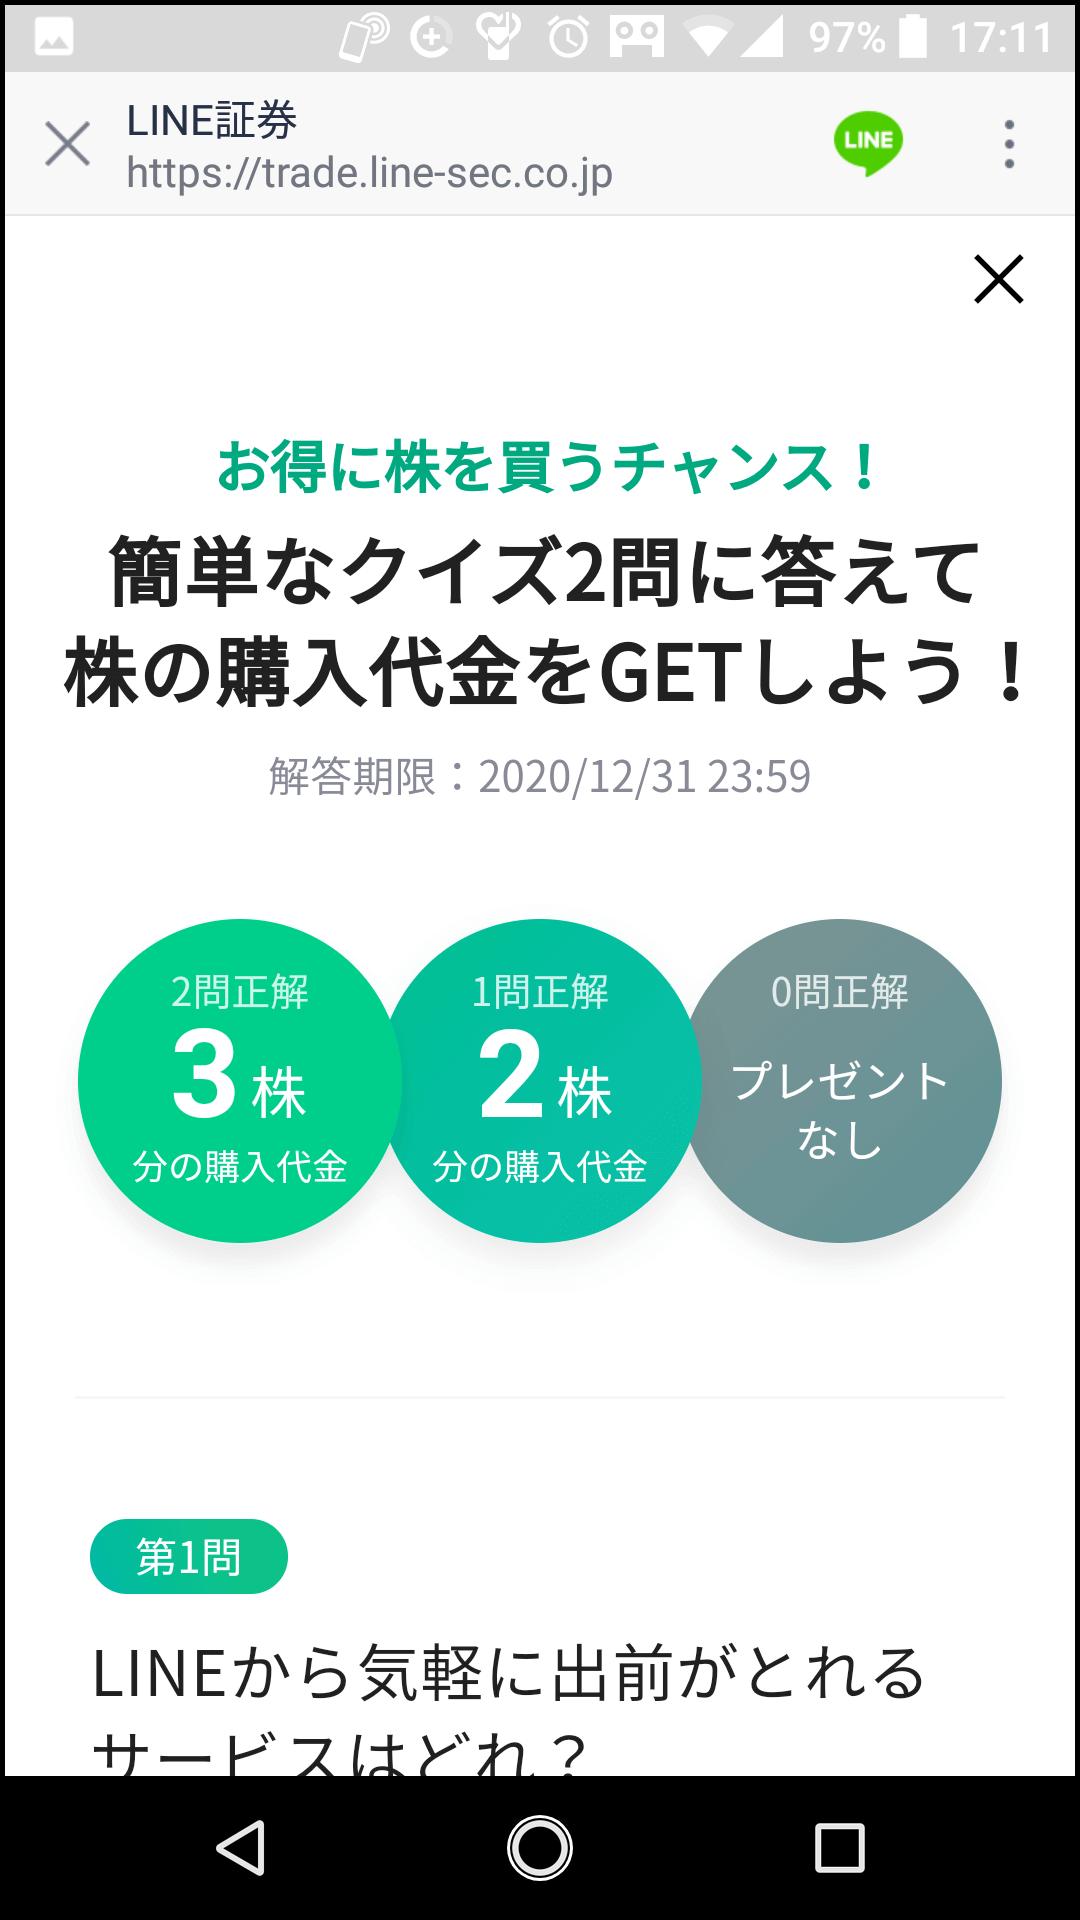 キャンペーンのクイズ画面